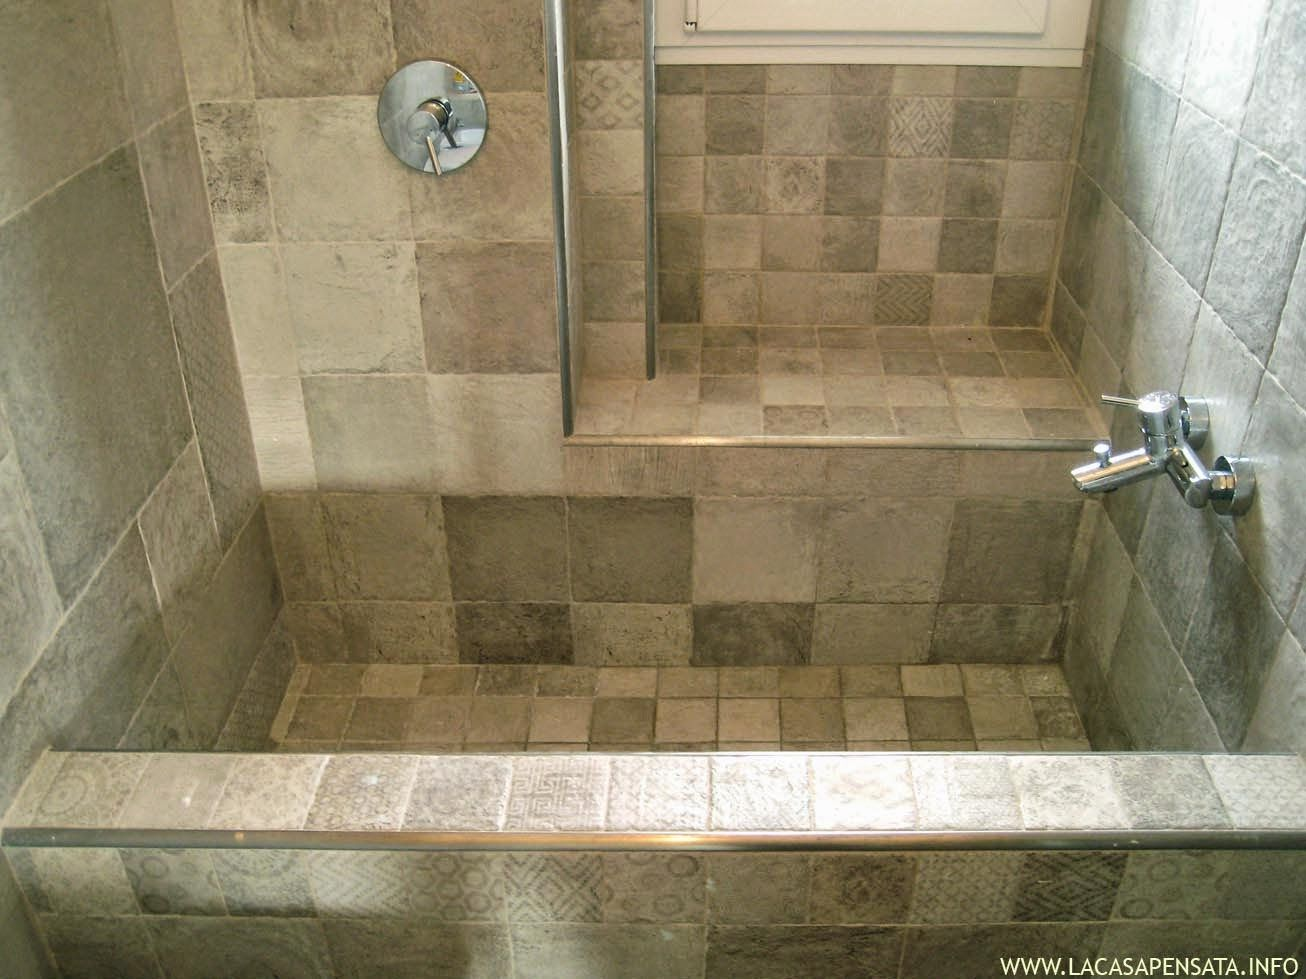 Vasche da bagno in muratura cerca con google Дом идеи house